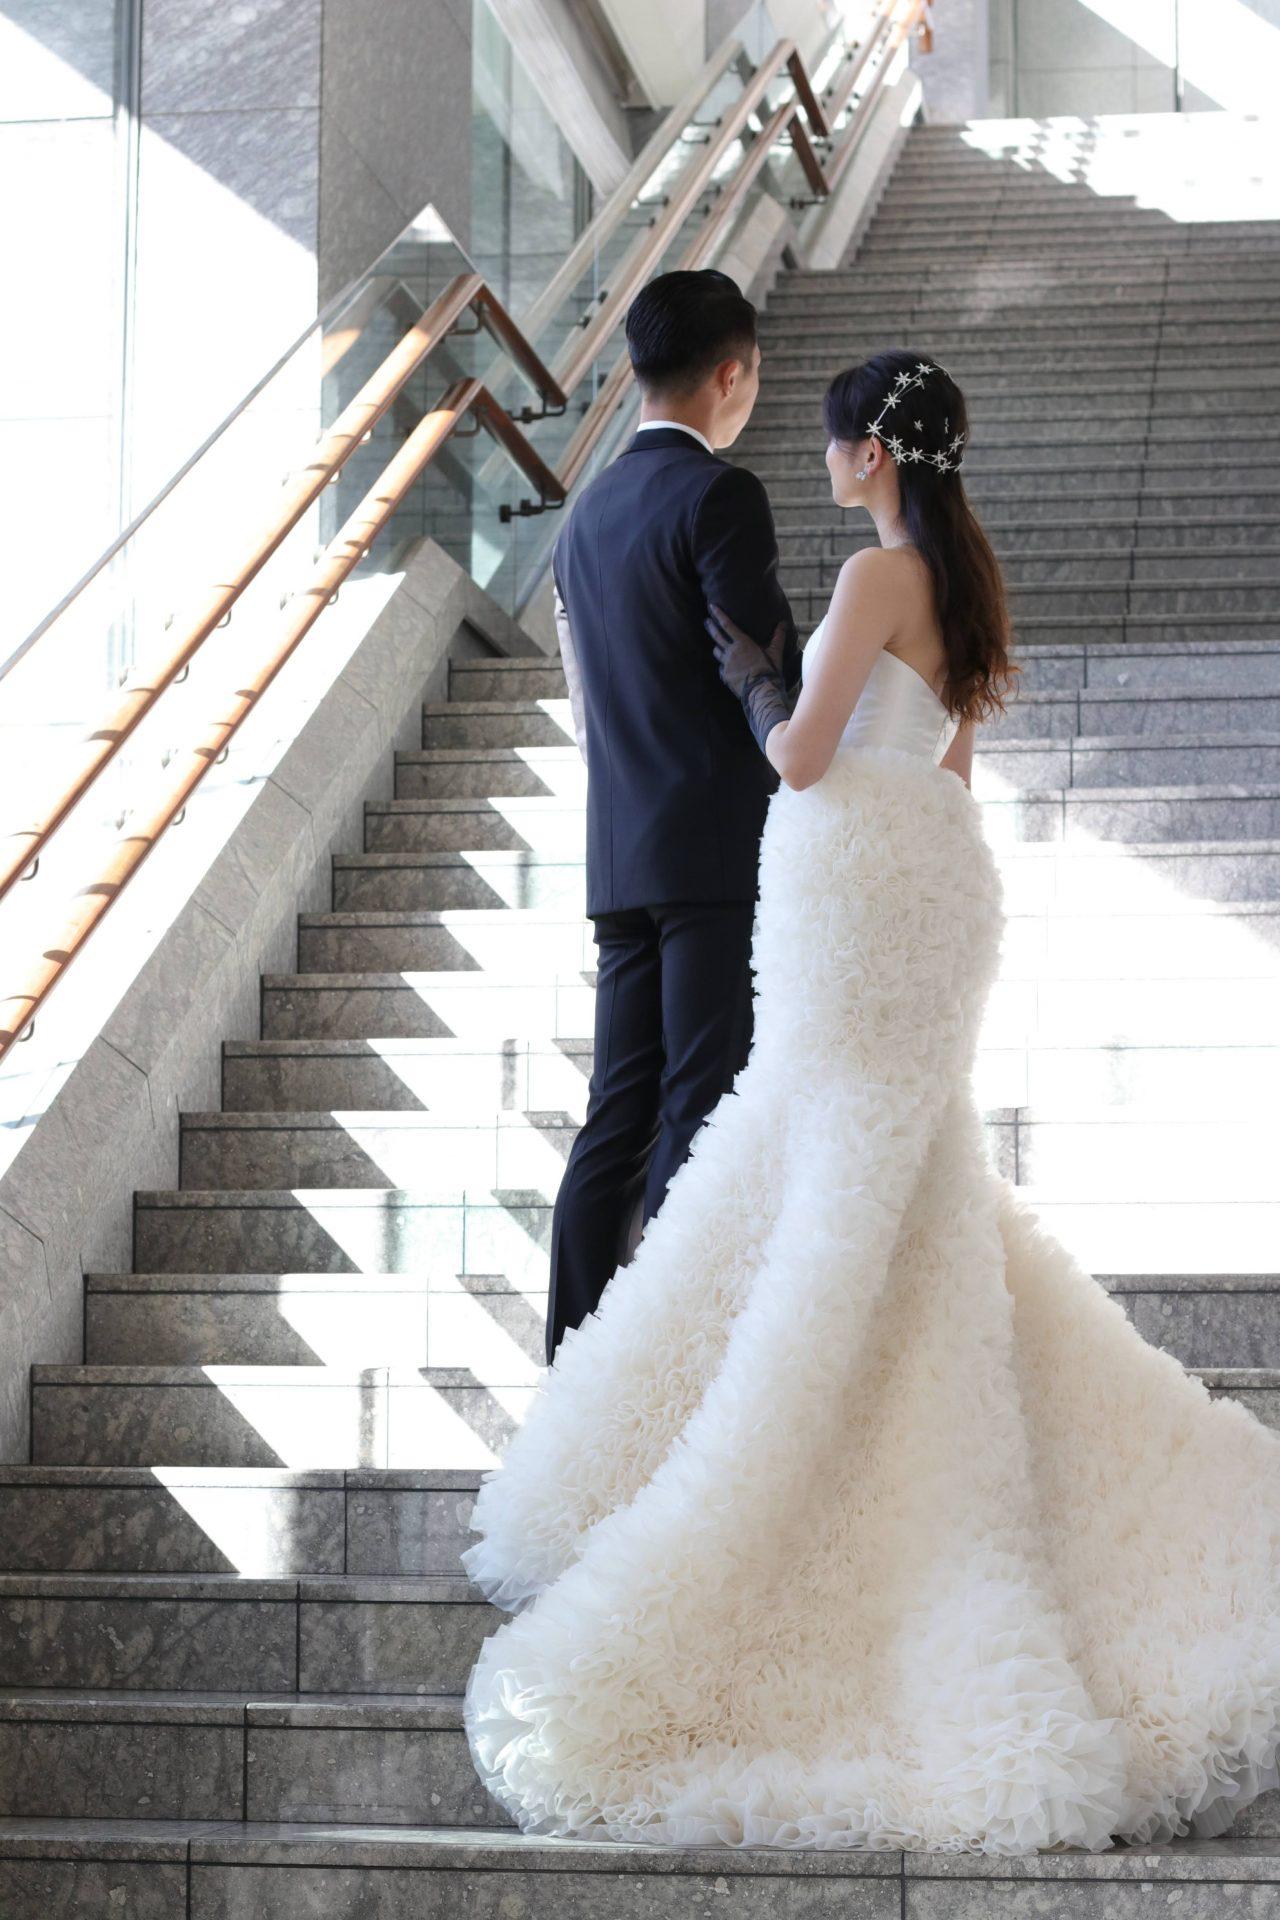 パレスホテル東京の大階段で撮る前撮りなら、立体的なシルエットが美しいマーメイドドレスとクラシックなネイビーのタキシードをあわせる事で、洗練されたお写真が残せます